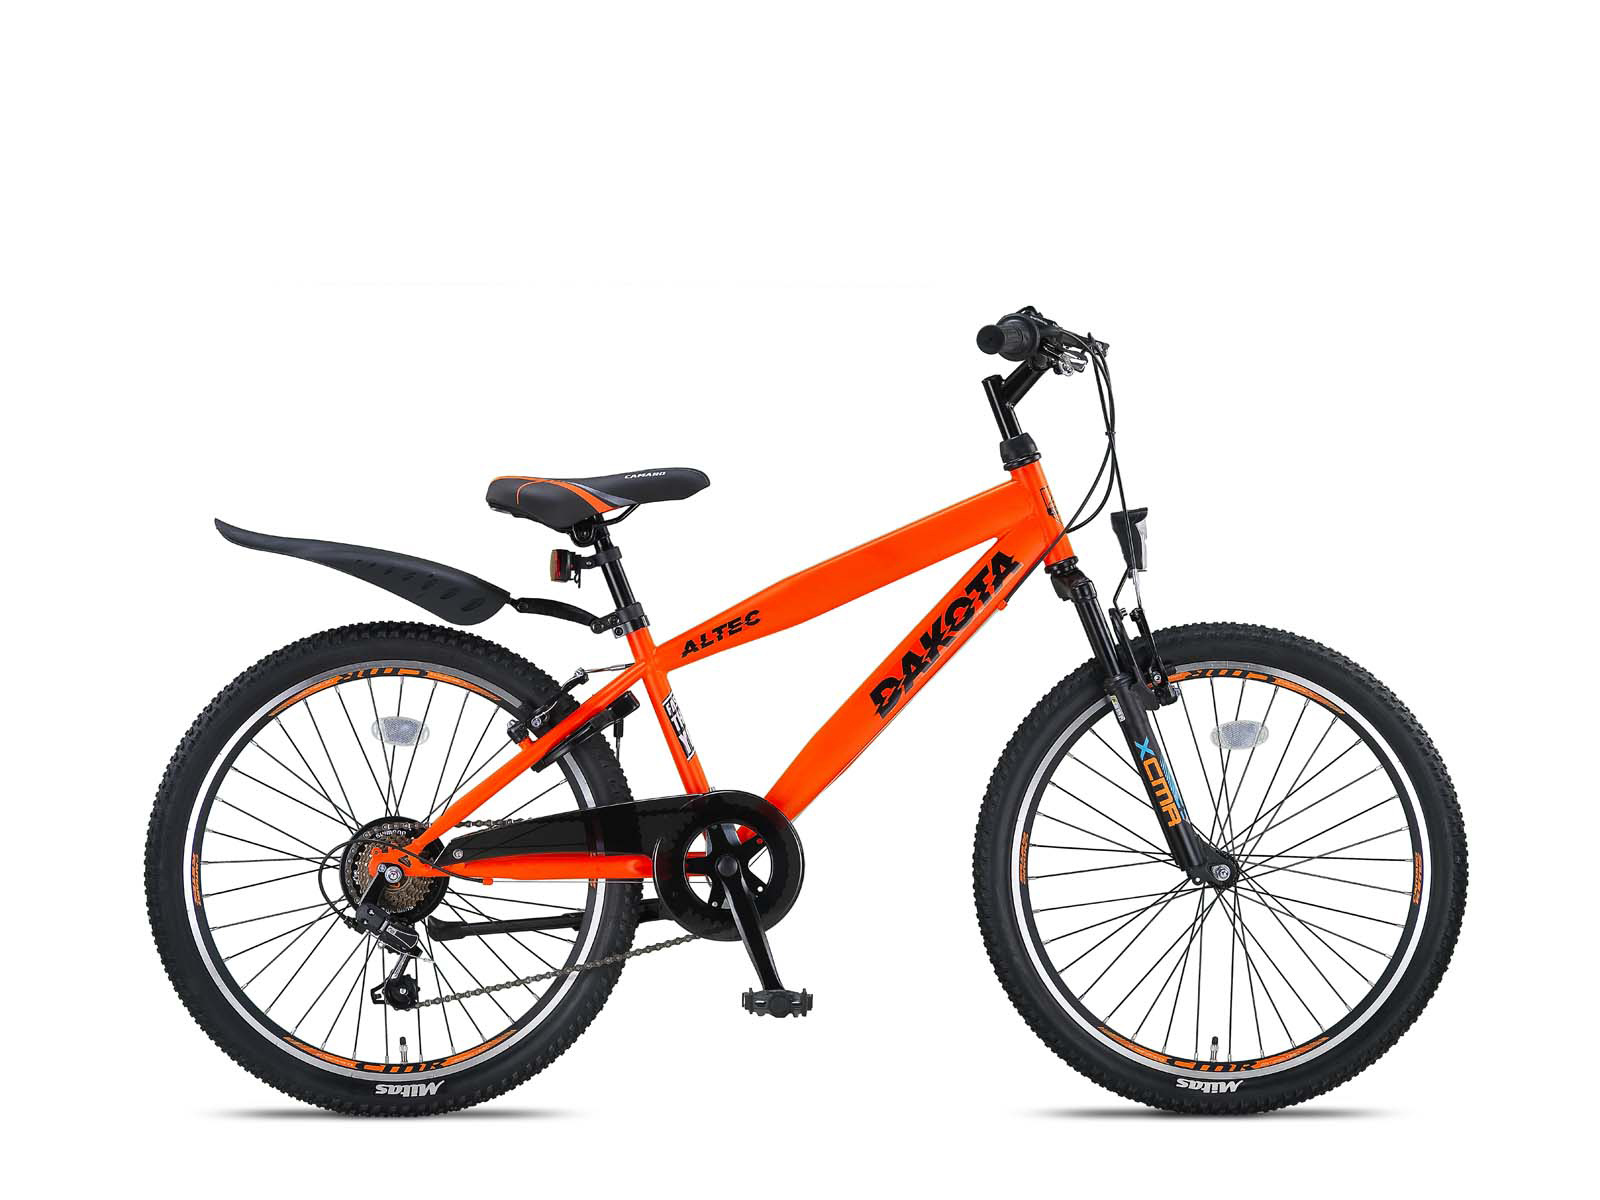 Altec Altec Dakota 24 inch Jongensfiets Neon Orange